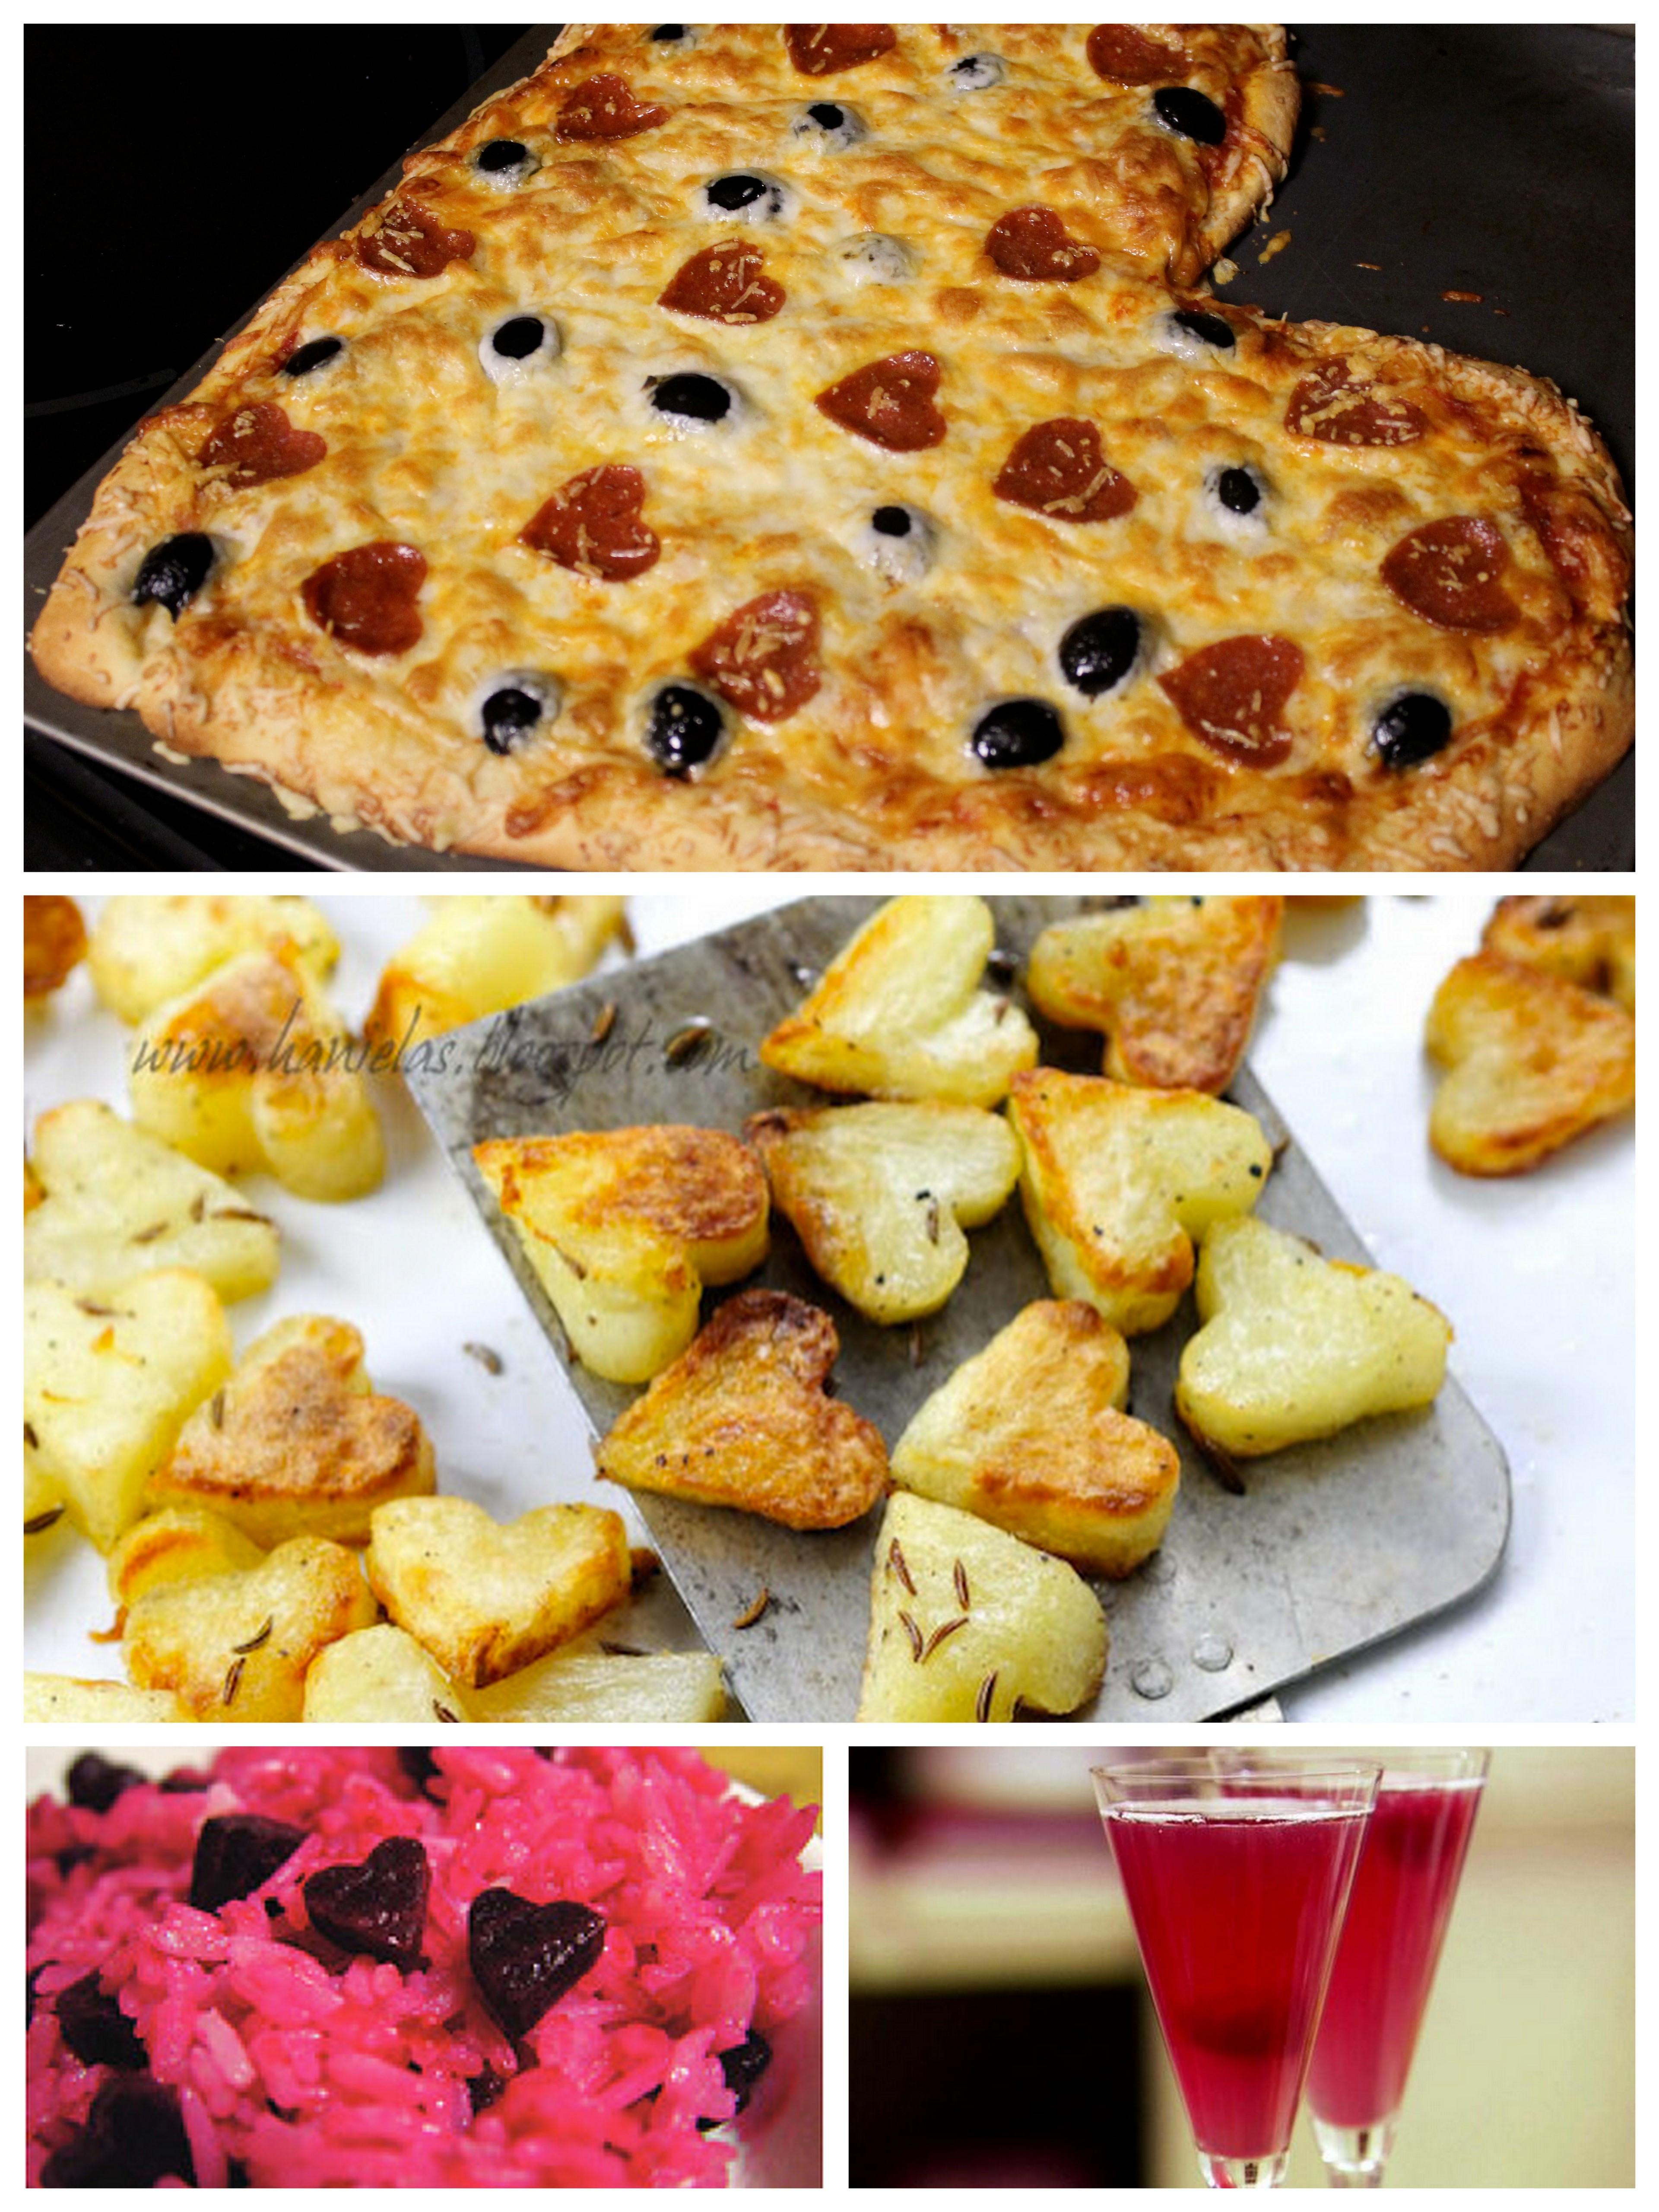 Valentine Dinner Ideas  Valentine's Day Food Ideas